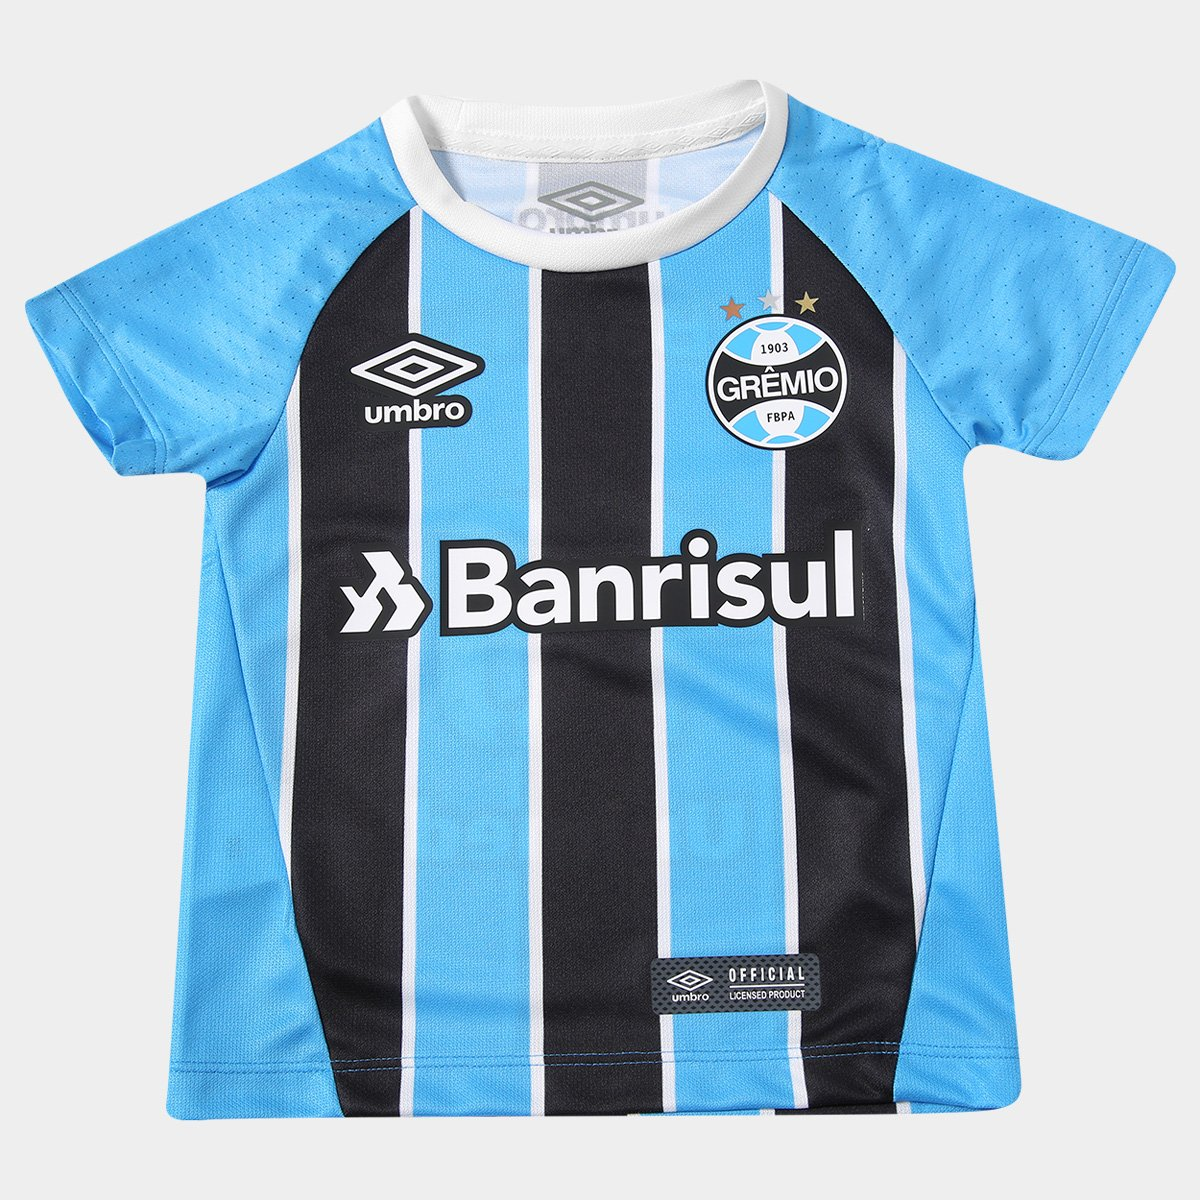 557094d3e3cac Camisa Grêmio Infantil I 17 18 Nº 10 Torcedor Umbro - Compre Agora ...